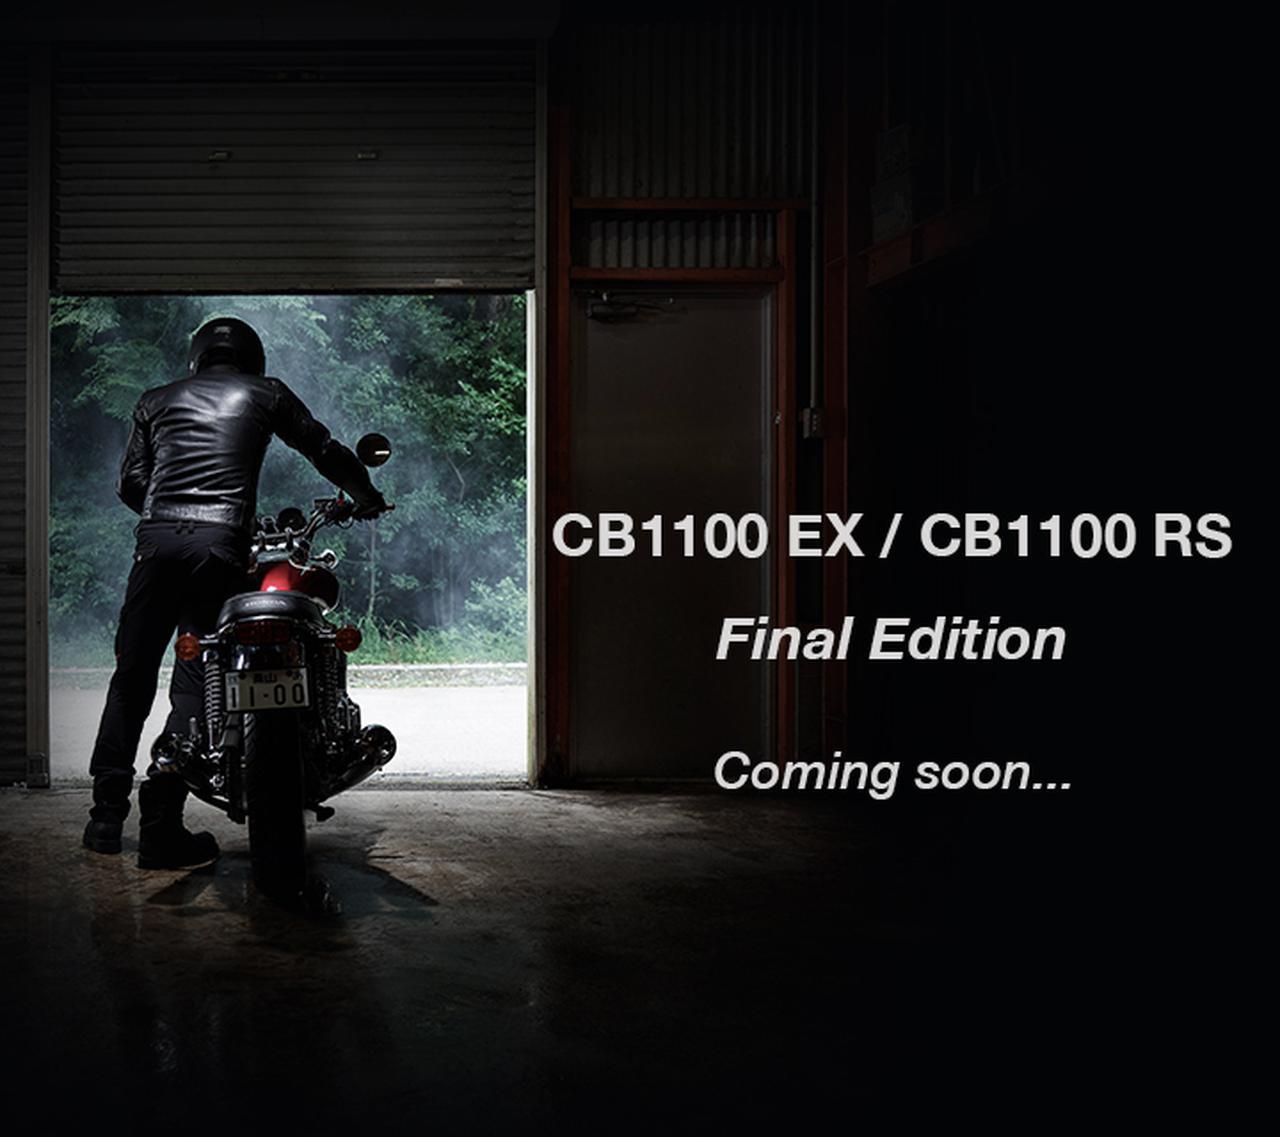 画像: 【2021年9月3日の記事】「CB1100EXファイナルエディション」「CB1100RSファイナルエディション」 - webオートバイ